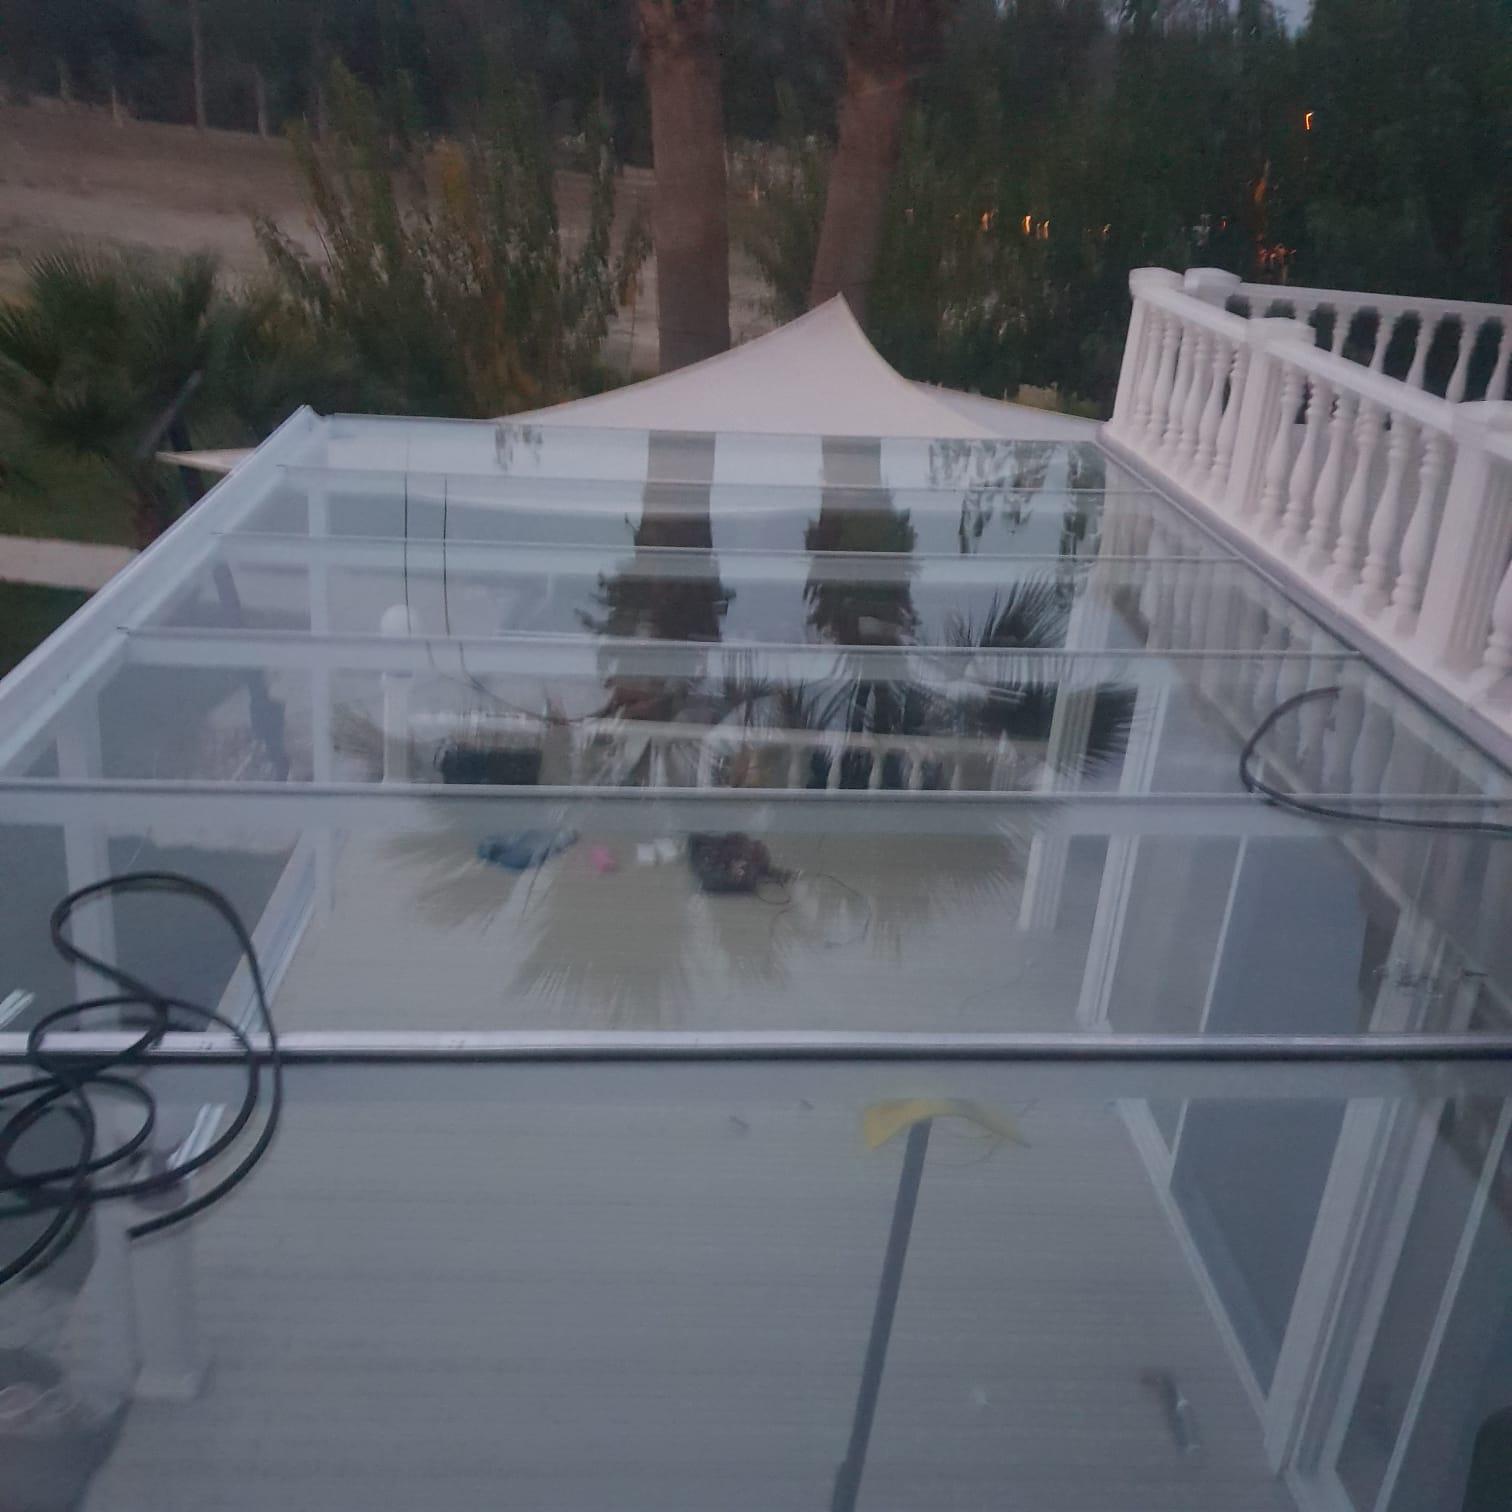 cam tavan izmir firmaları